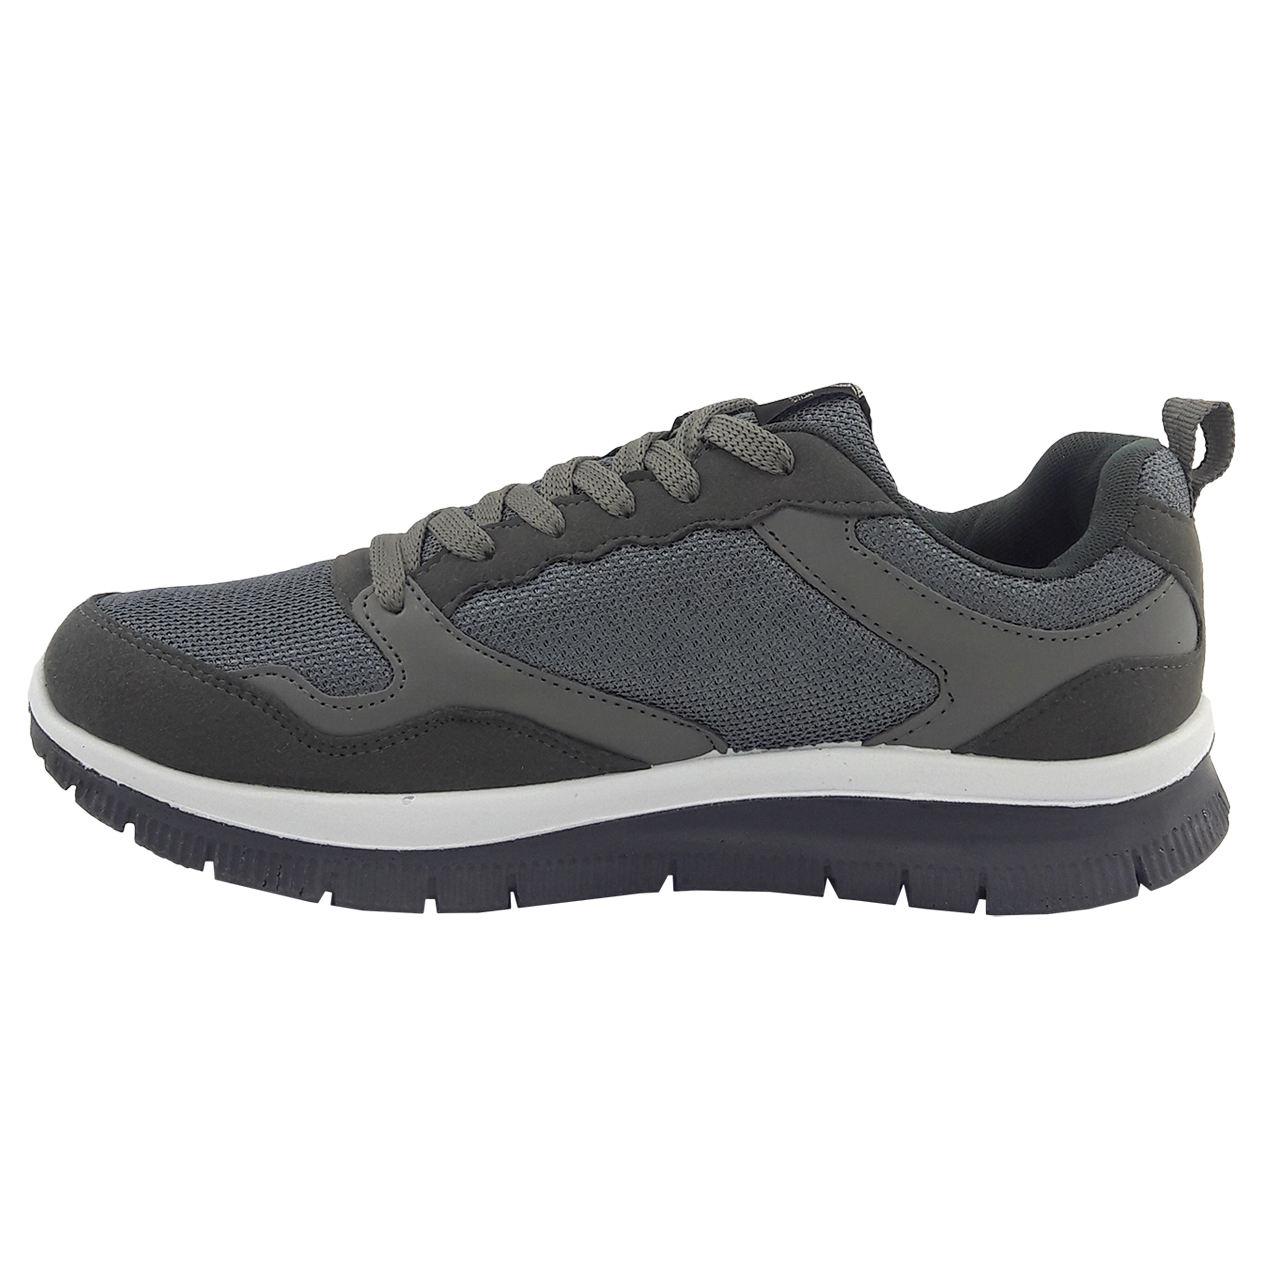 کفش مخصوص پیاده روی مردانه مدل gry 2.n